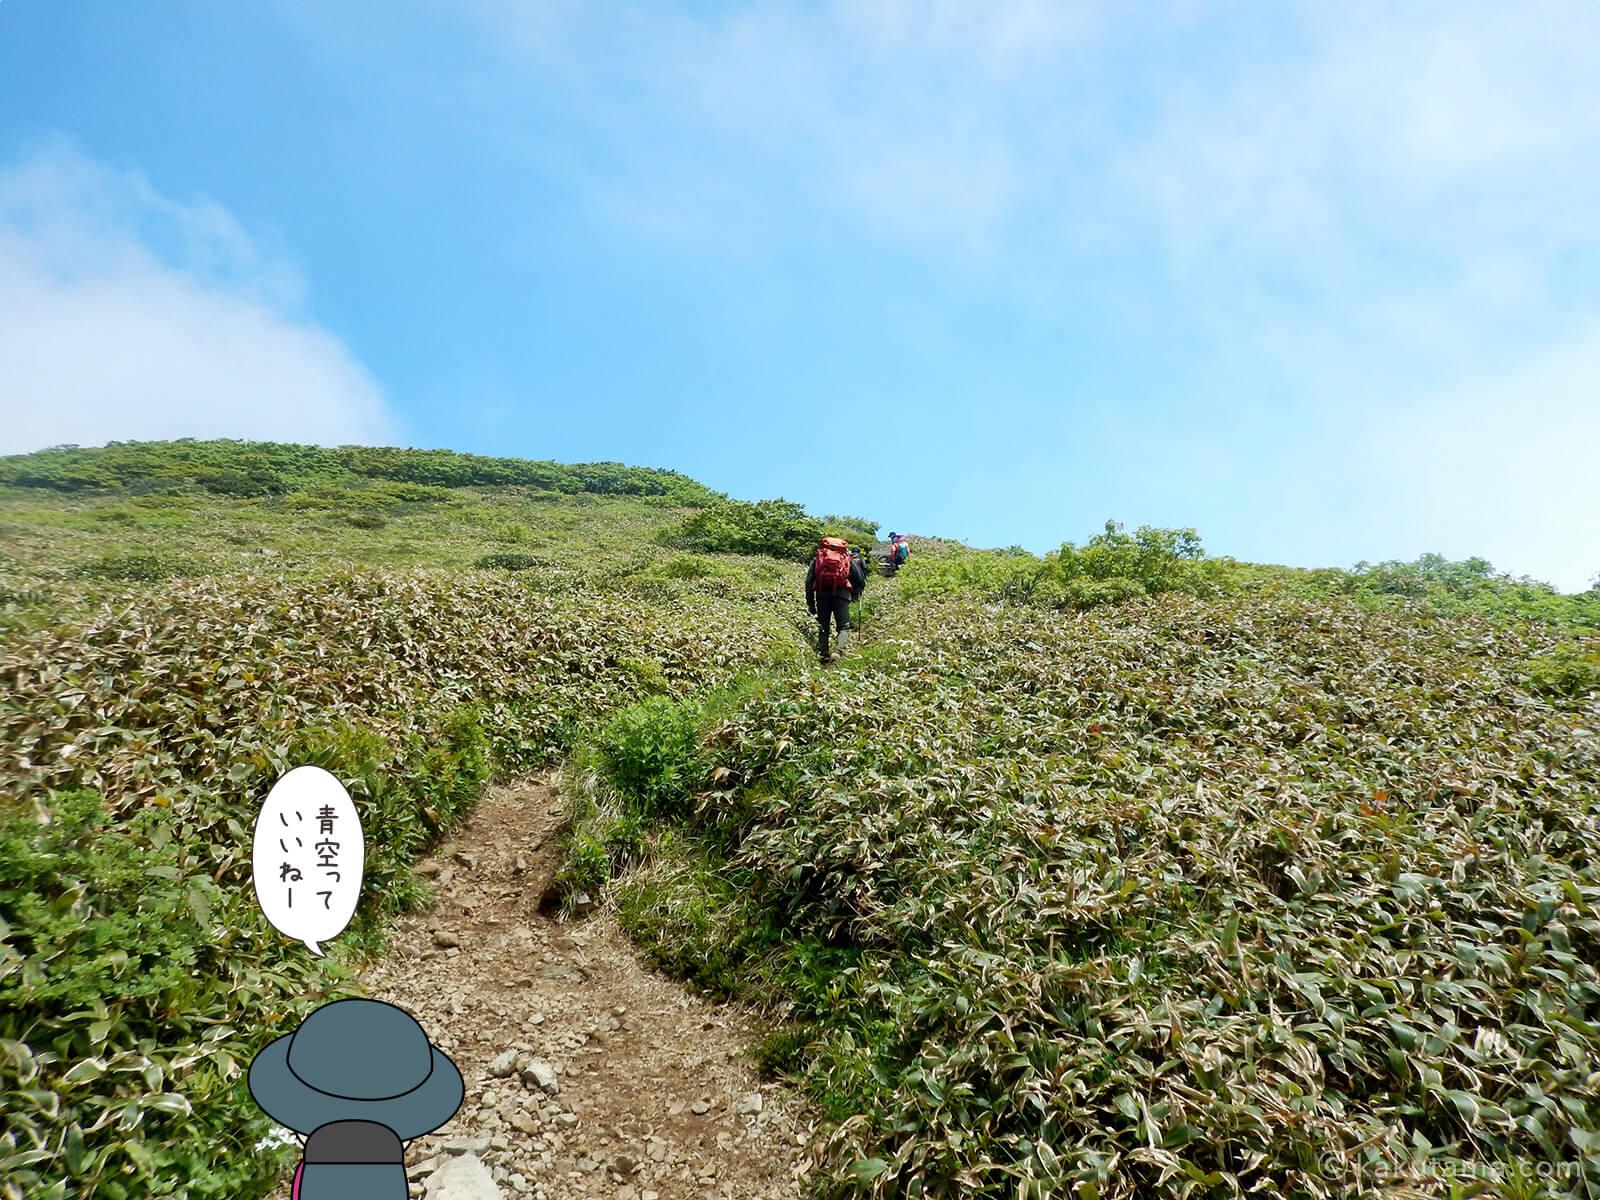 仙ノ倉山への風景が開けてきた3